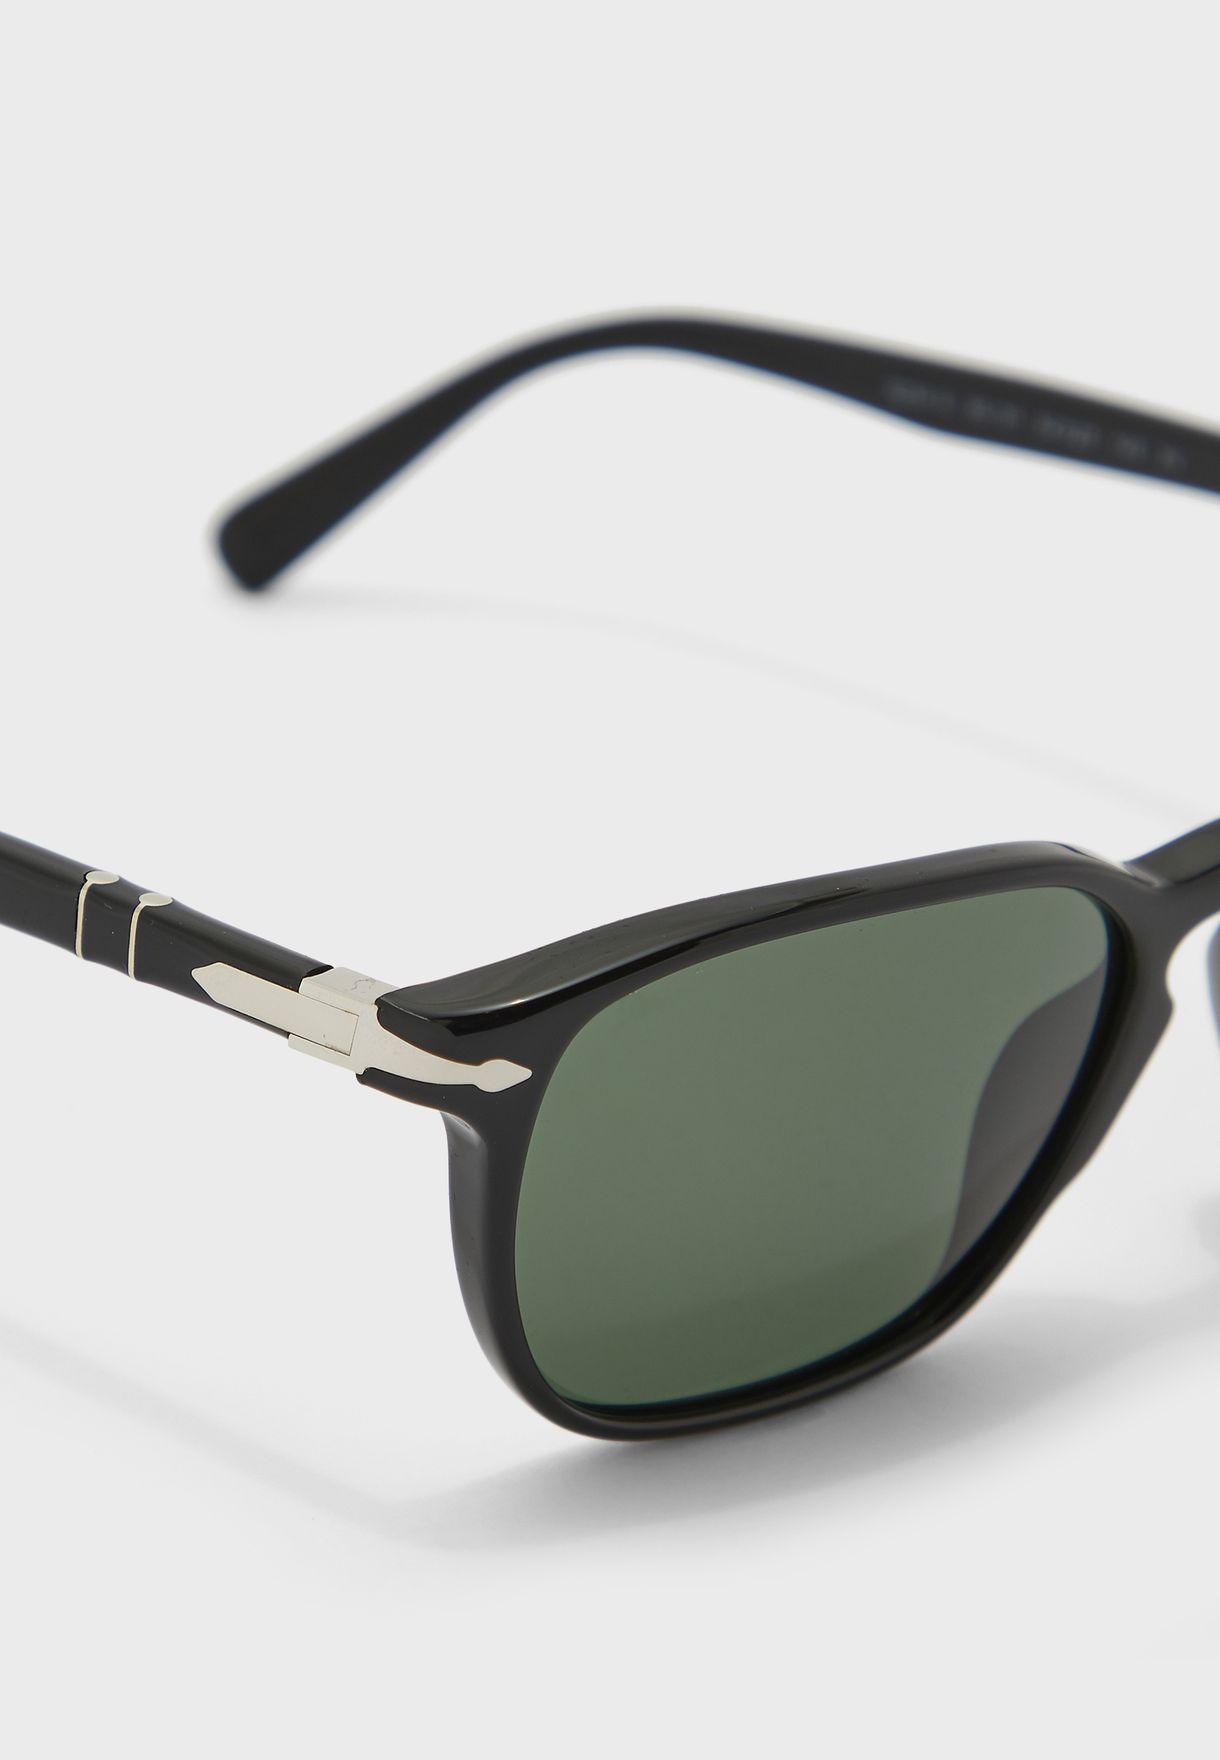 نظارة شمسية بعدسات مستطيلة 95/31